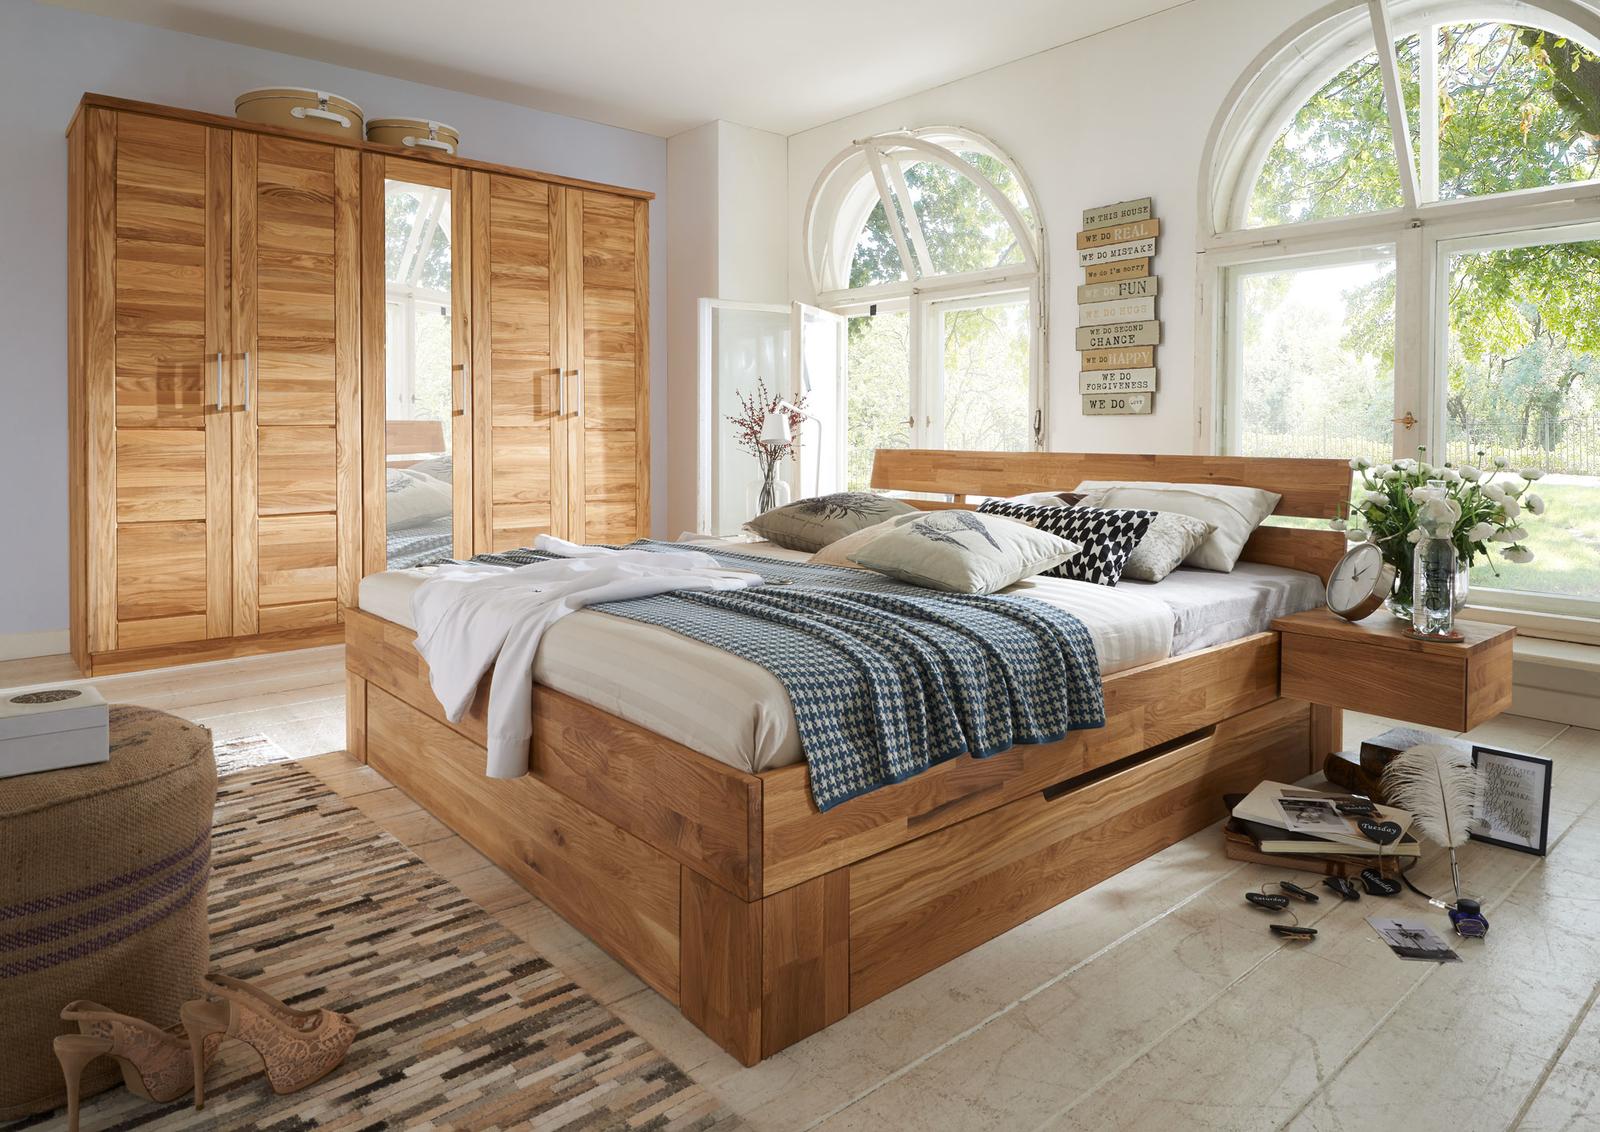 Doppelbett Schlafzimmer Wildeiche Massiv NECST von Lars Olesen ...